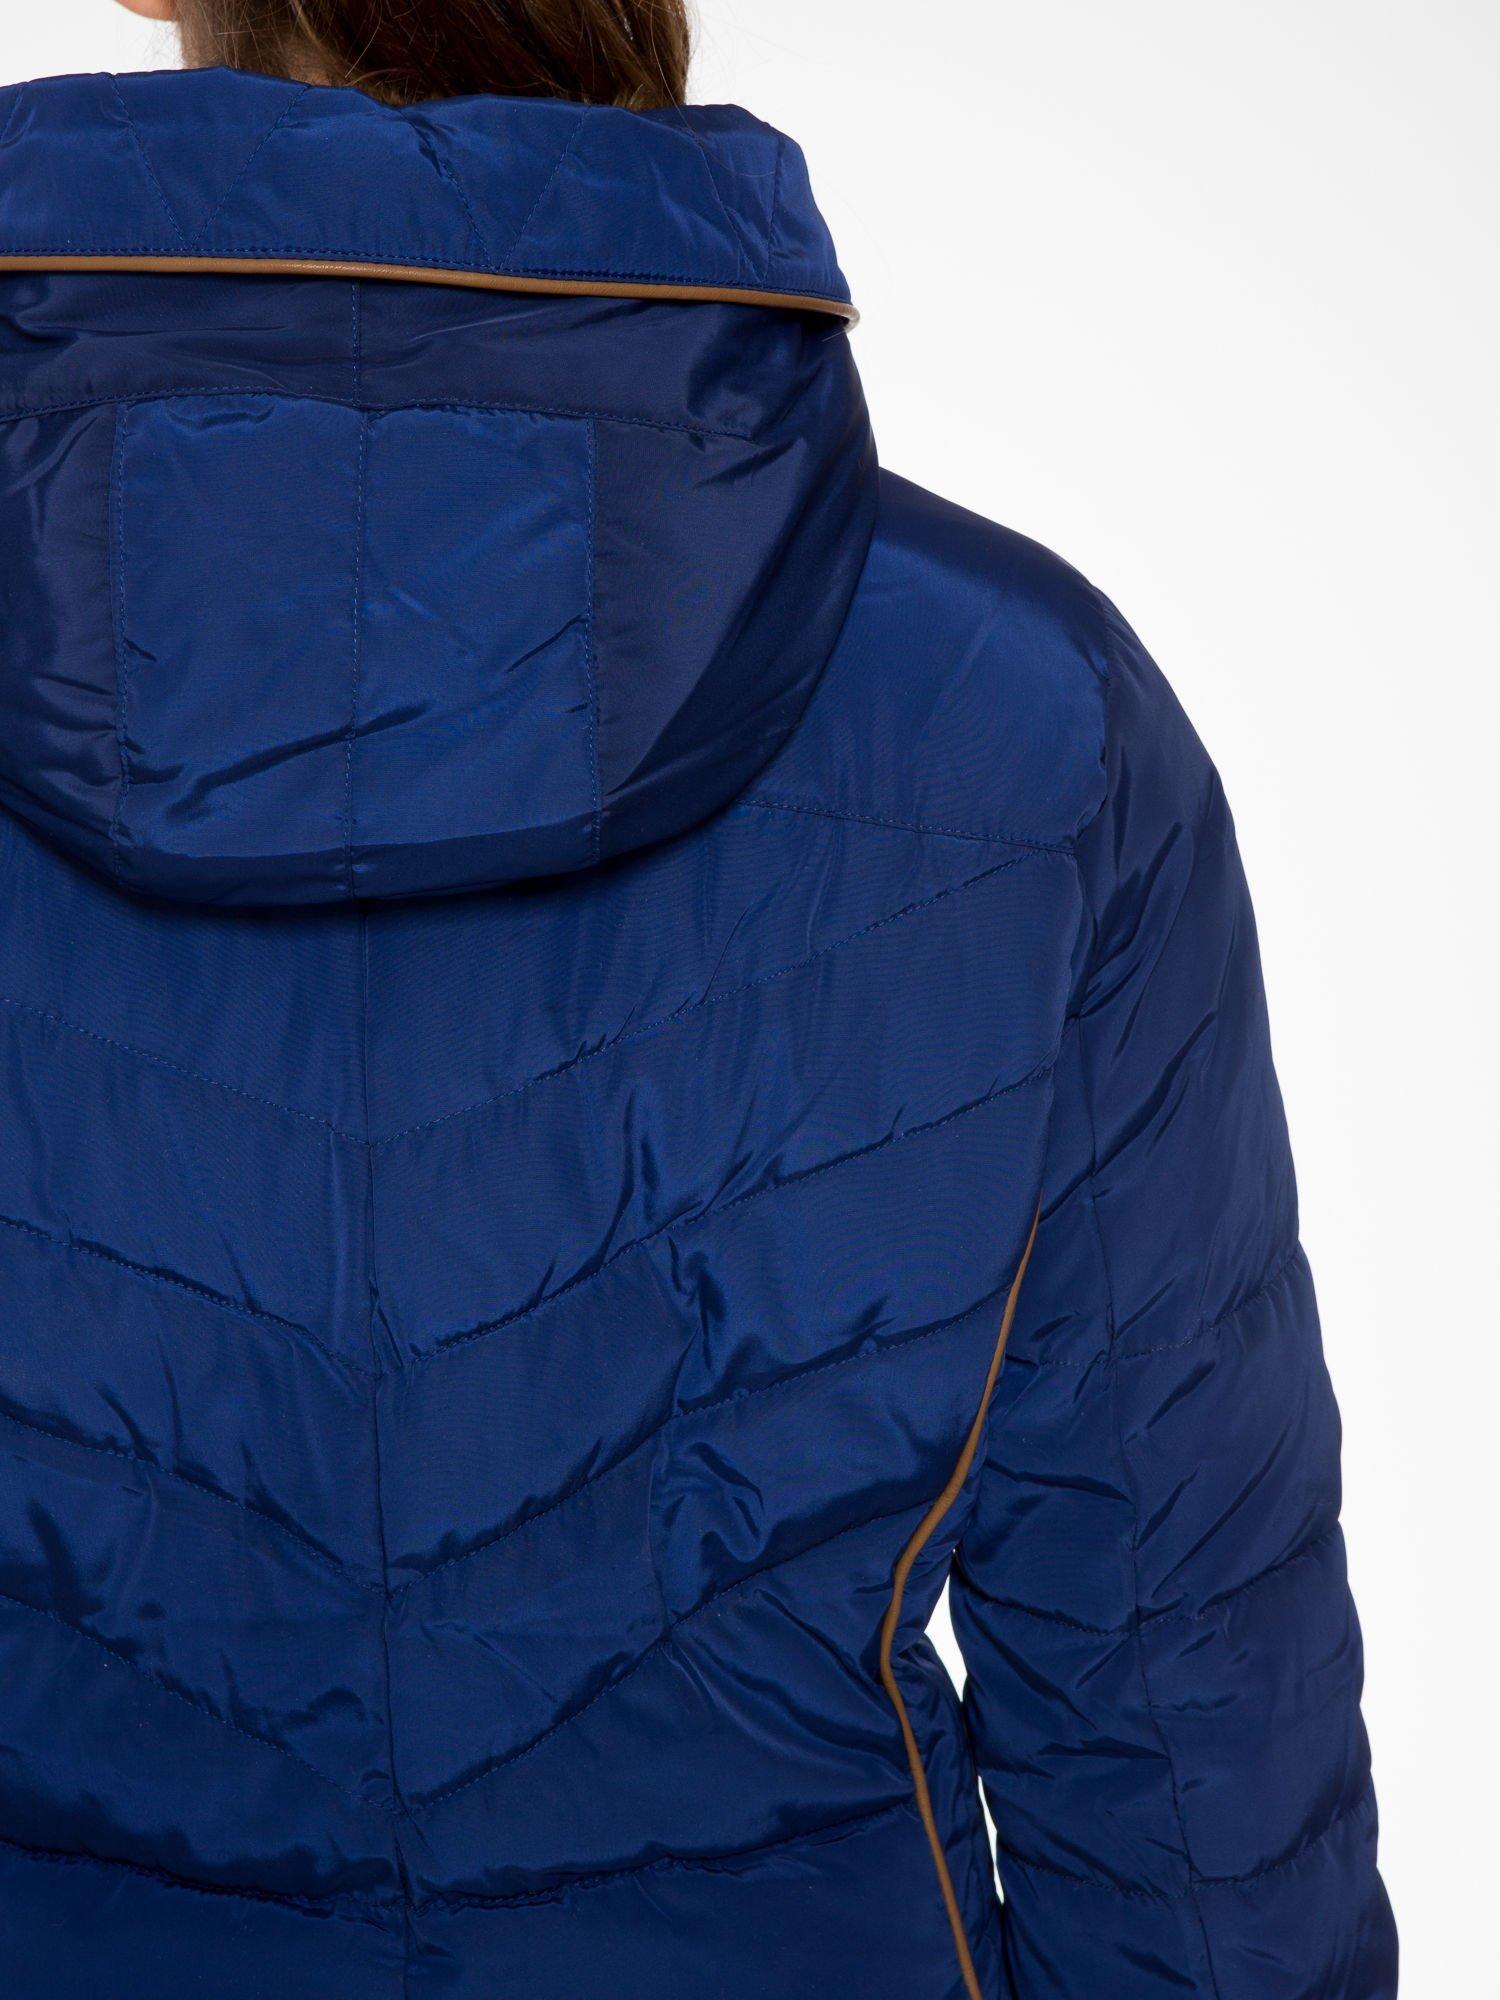 Granatowa kurtka zimowa ze skórzaną lamówką i futrzanym kapturem                                  zdj.                                  10